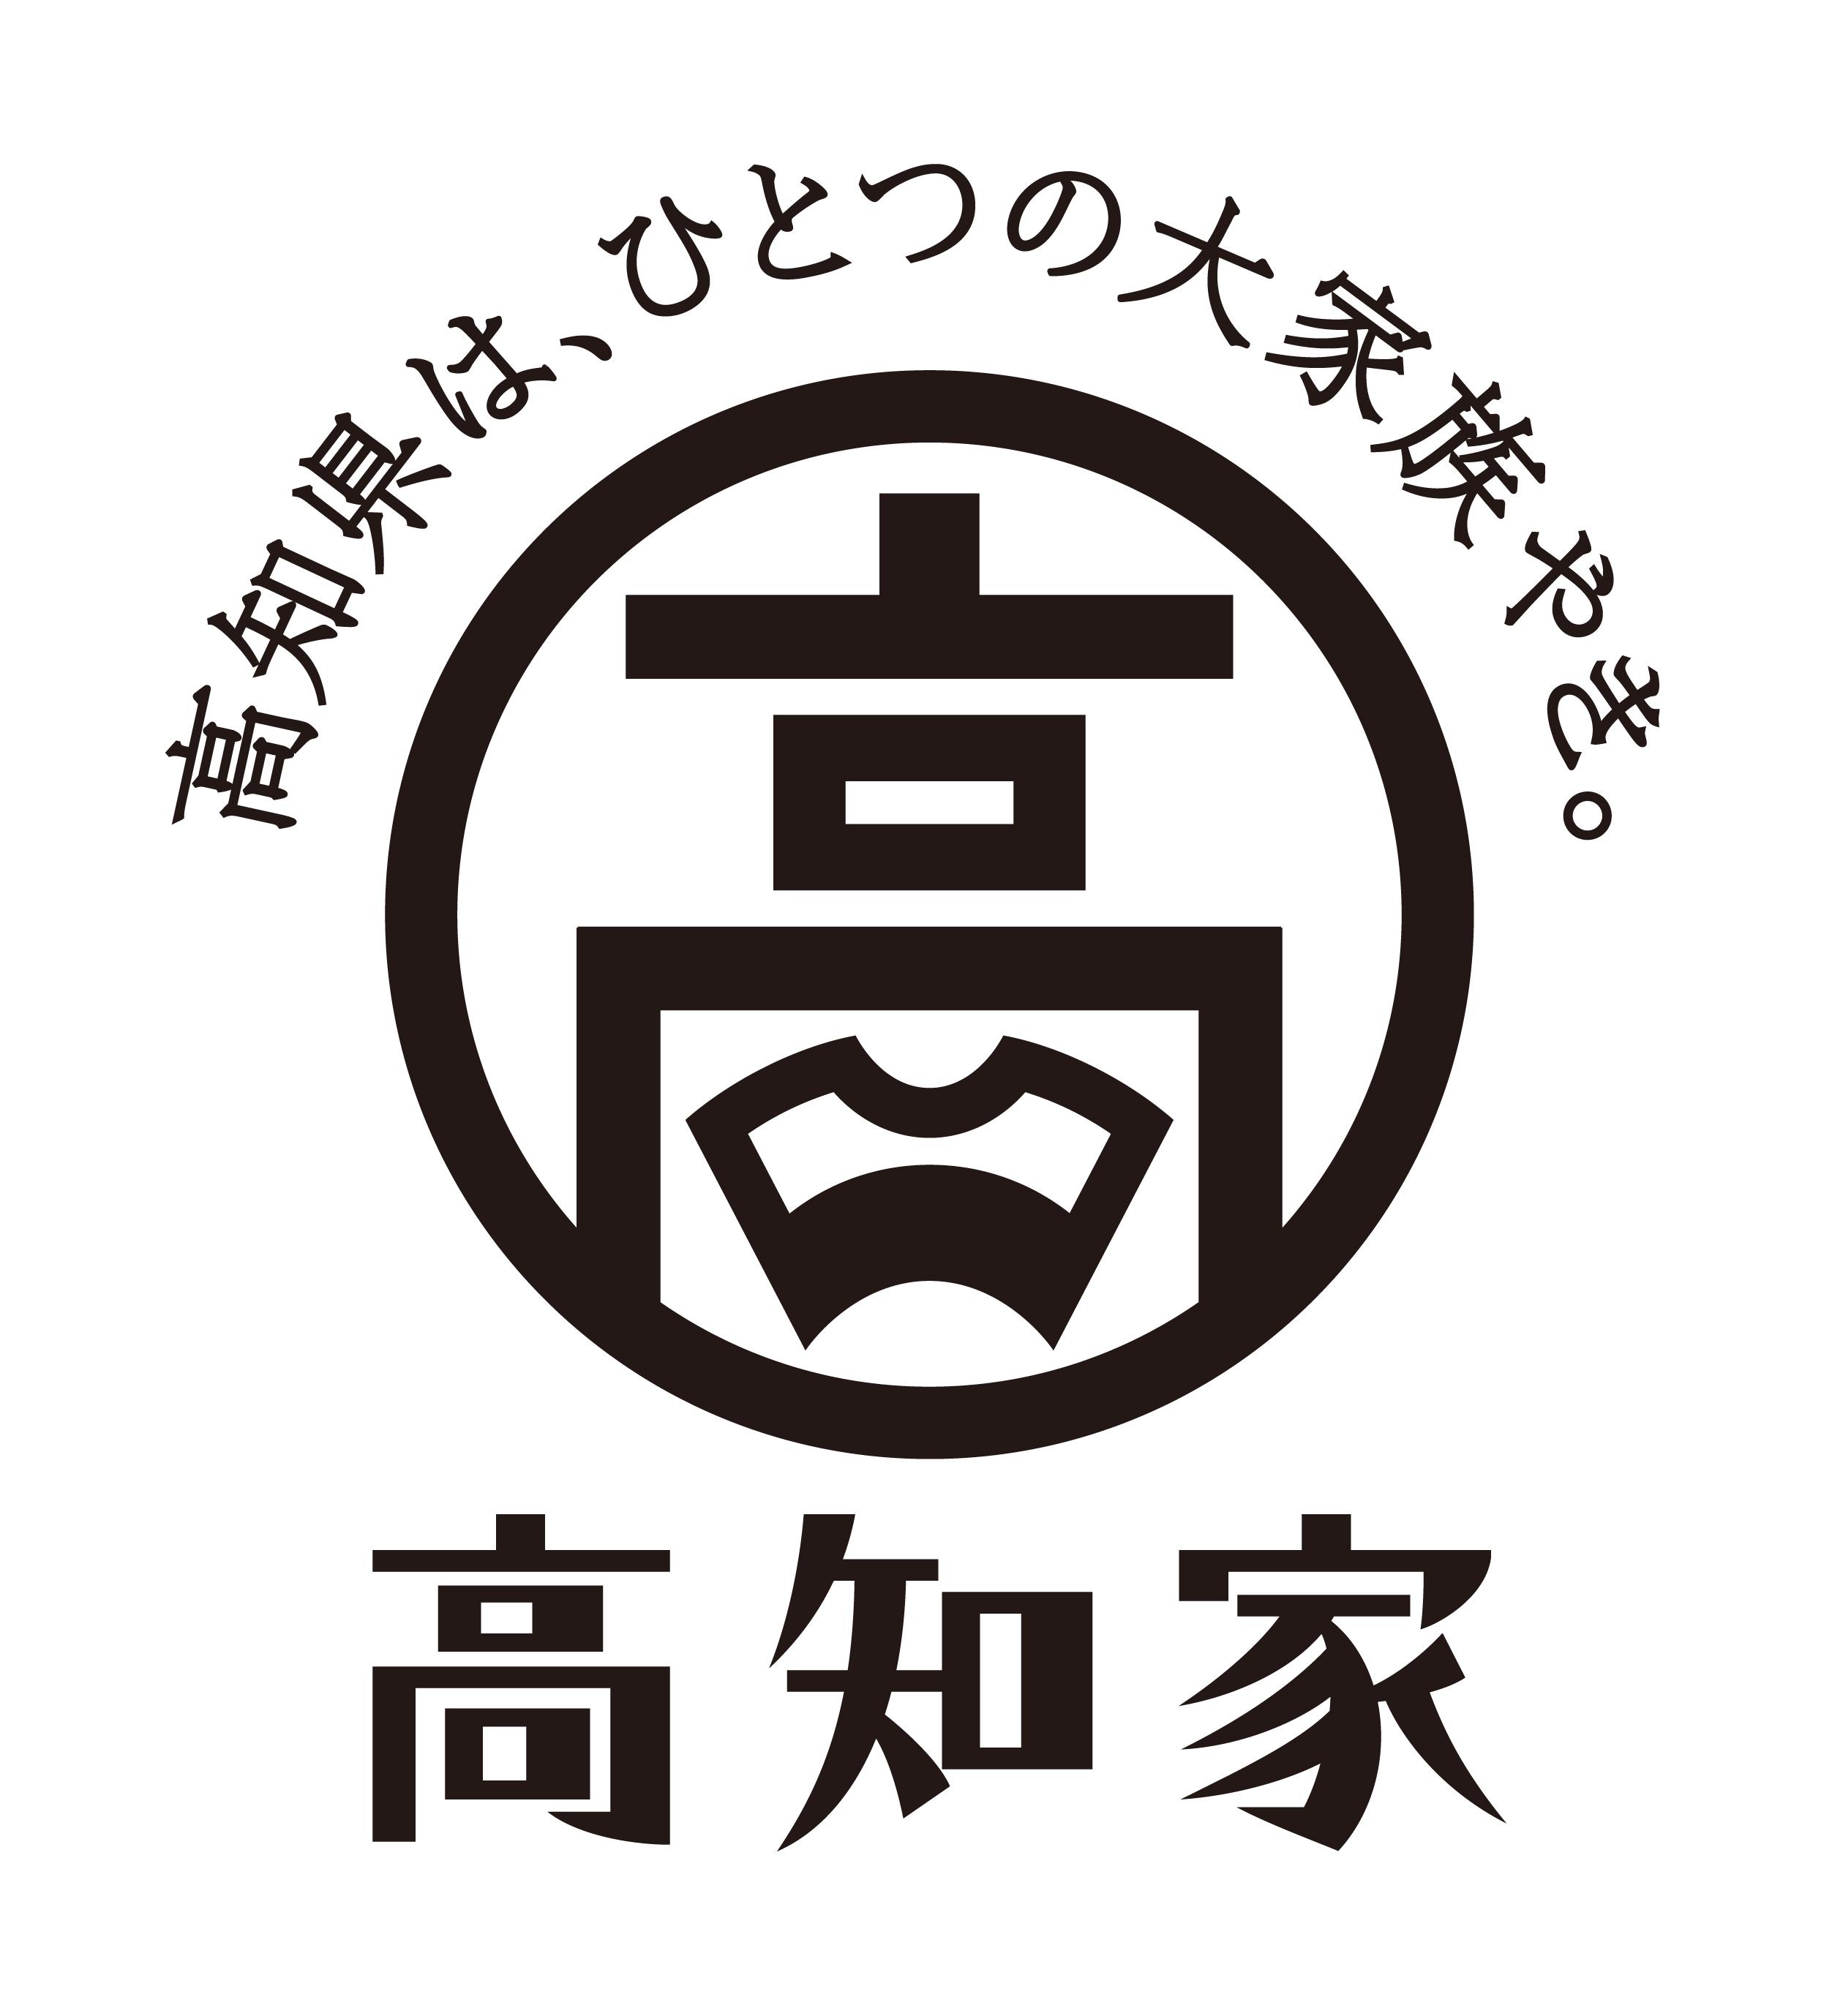 オルトプラスと高知県、コンテンツ産業を担う人材の育成・起業支援分野で協業